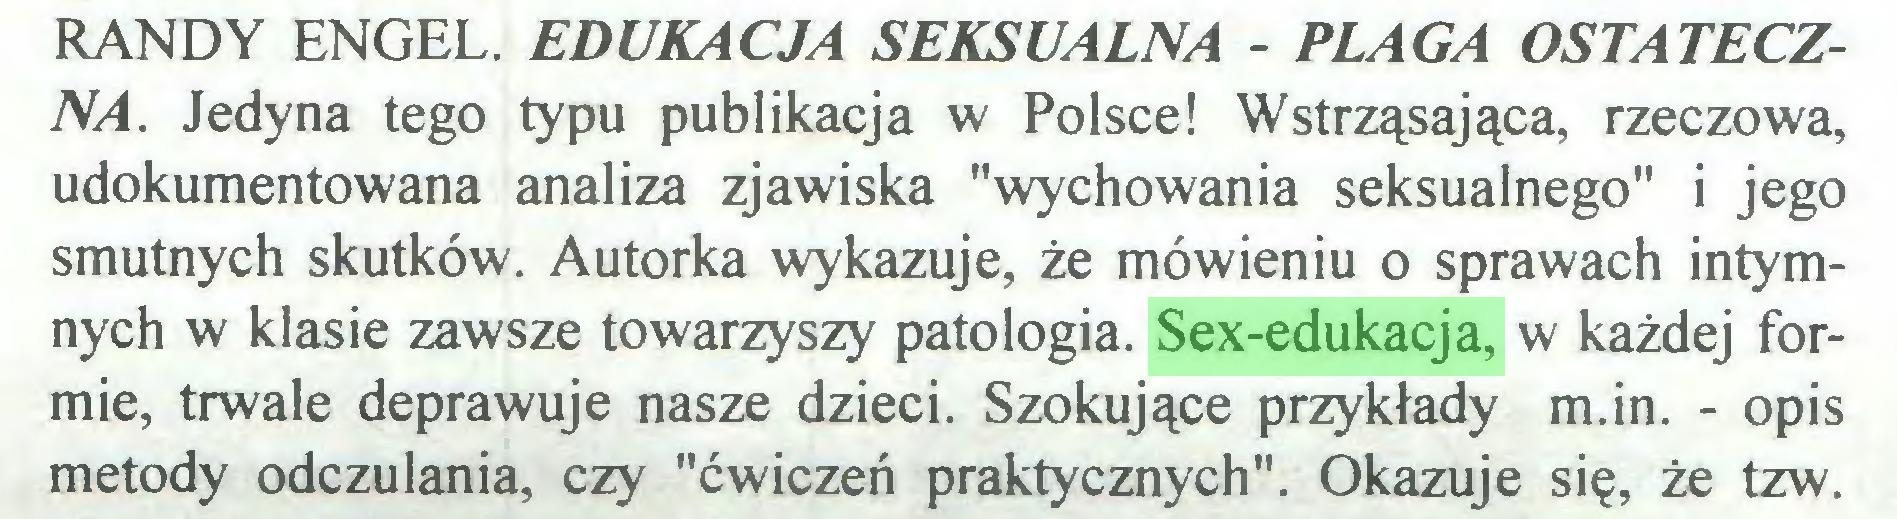 """(...) RANDY ENGEL. EDUKACJA SEKSUALNA - PLAGA OSTATECZNA. Jedyna tego typu publikacja w Polsce! Wstrząsająca, rzeczowa, udokumentowana analiza zjawiska """"wychowania seksualnego"""" i jego smutnych skutków. Autorka wykazuje, że mówieniu o sprawach intymnych w klasie zawsze towarzyszy patologia. Sex-edukacja, w każdej formie, trwale deprawuje nasze dzieci. Szokujące przykłady m.in. - opis metody odczulania, czy """"ćwiczeń praktycznych"""". Okazuje się, że tzw..."""